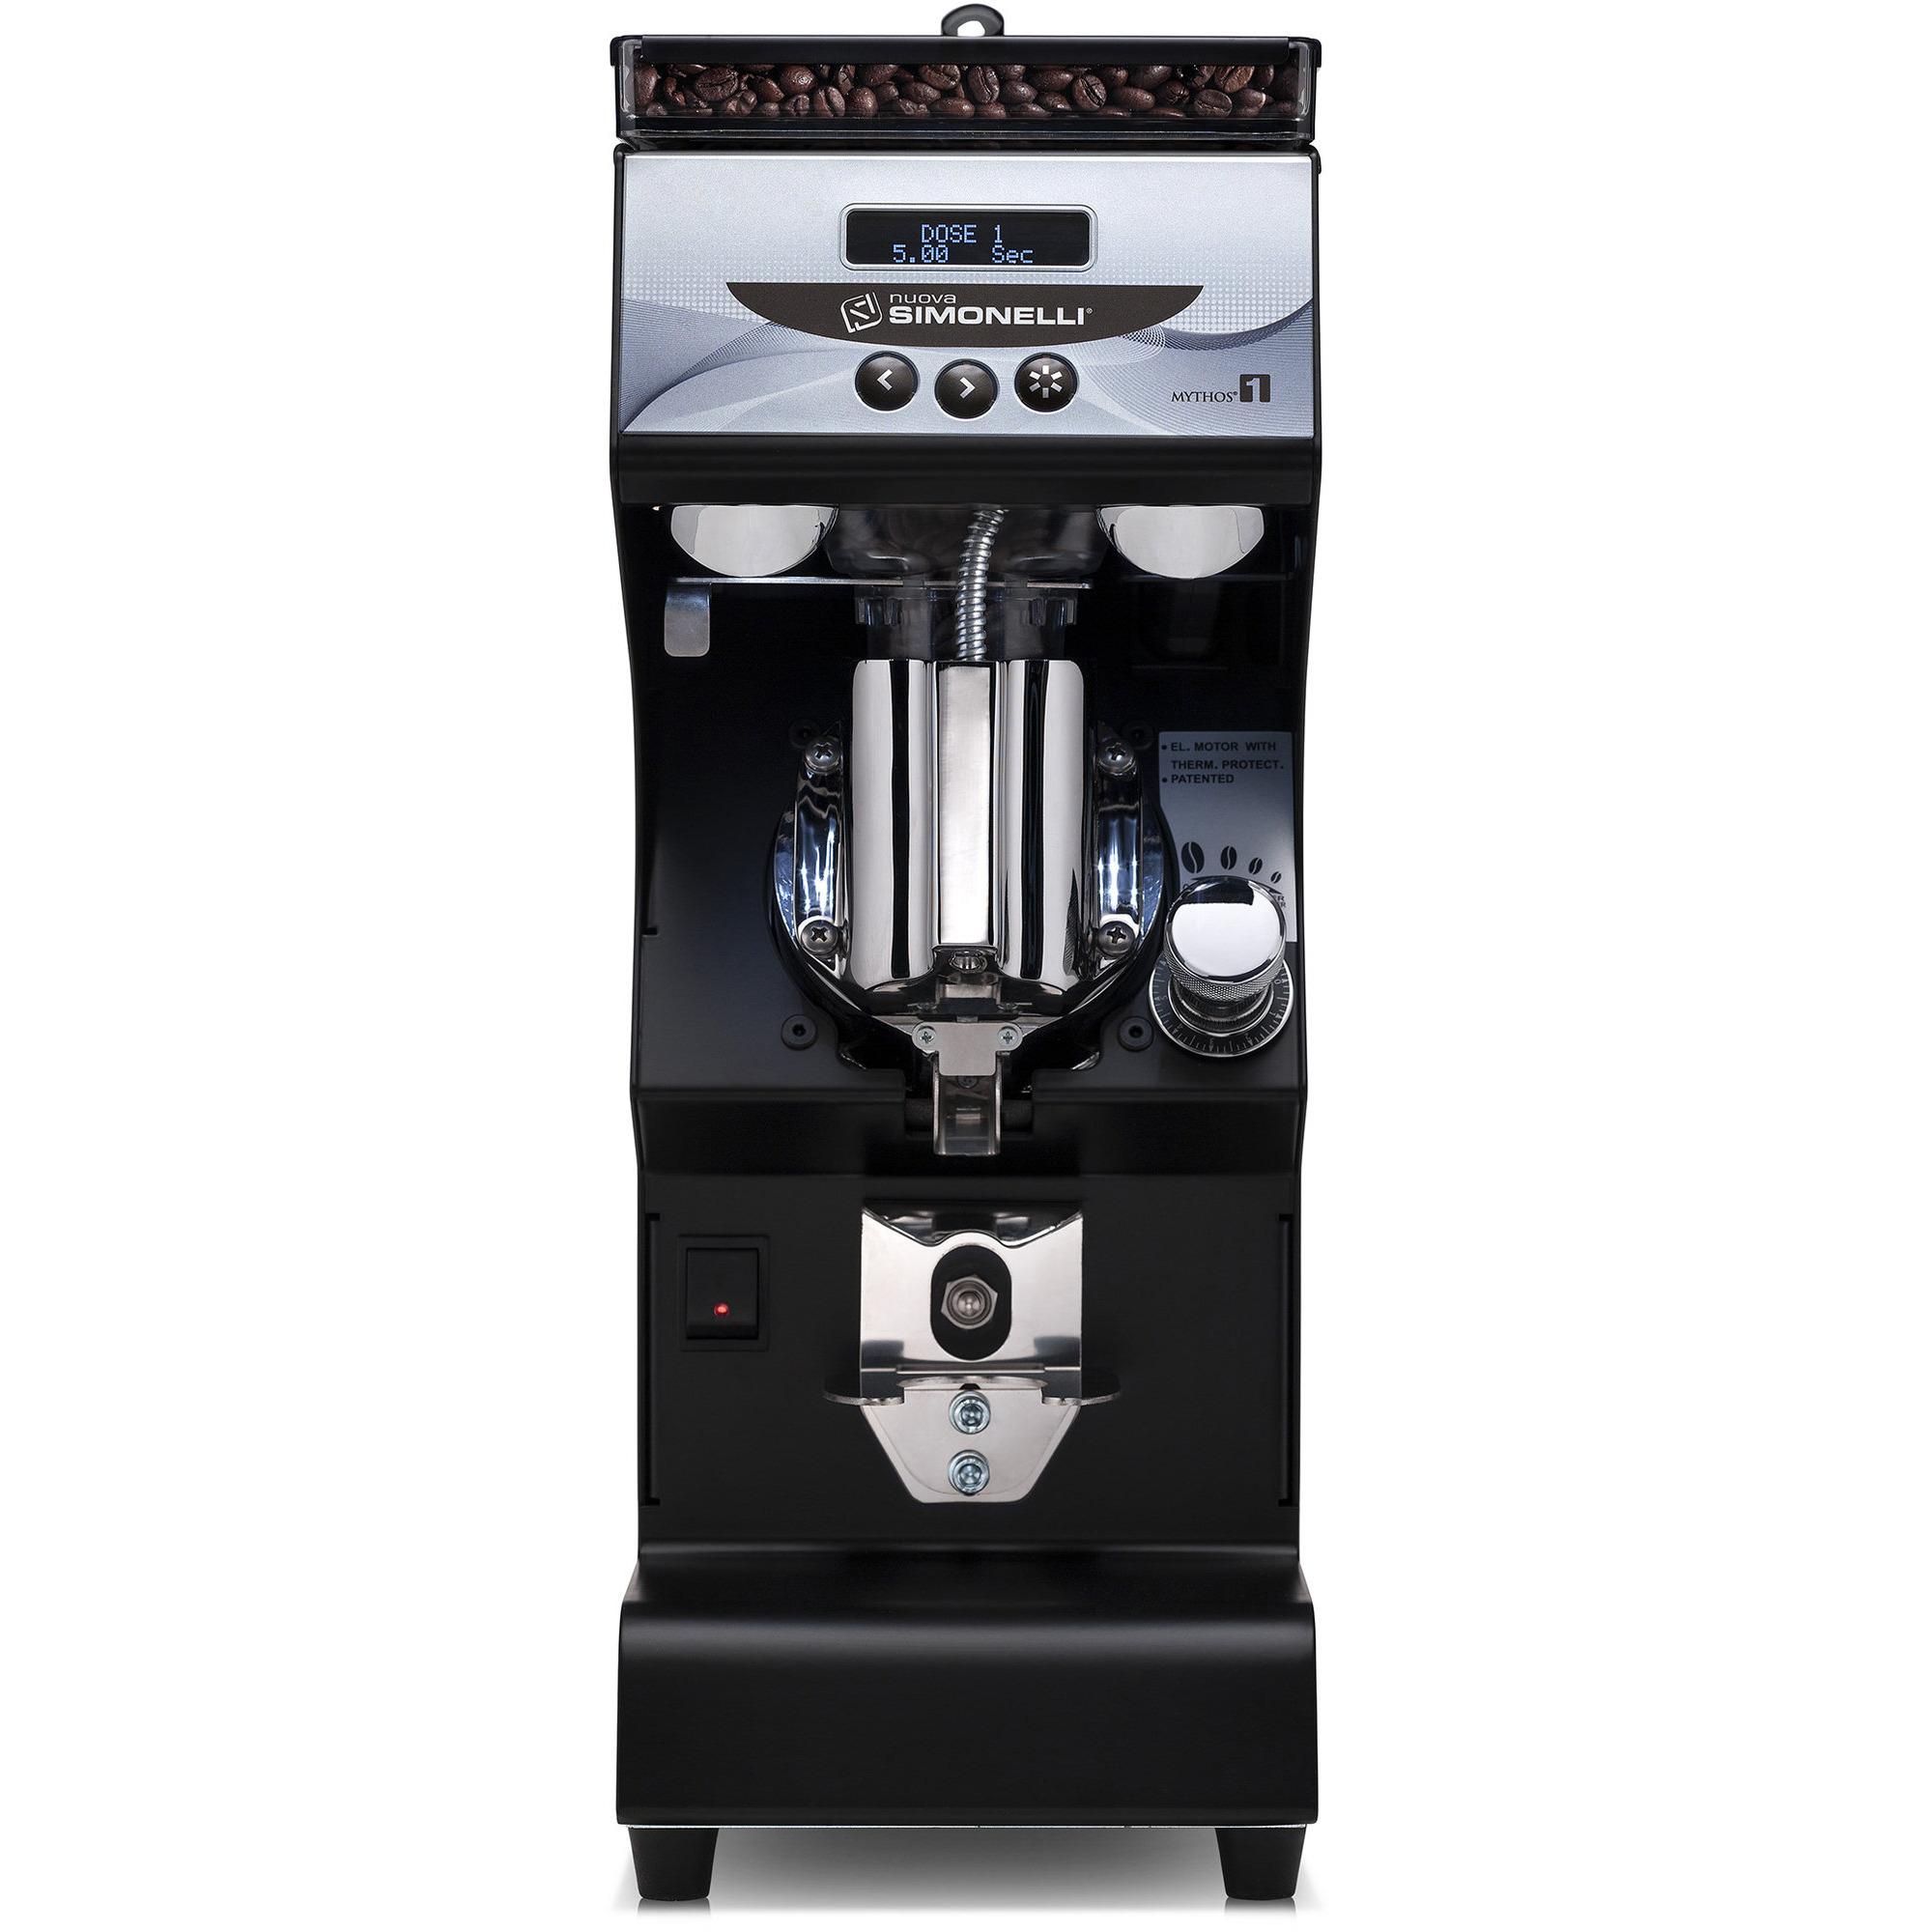 Nuova Simonelli Mythos One Espressokvarn